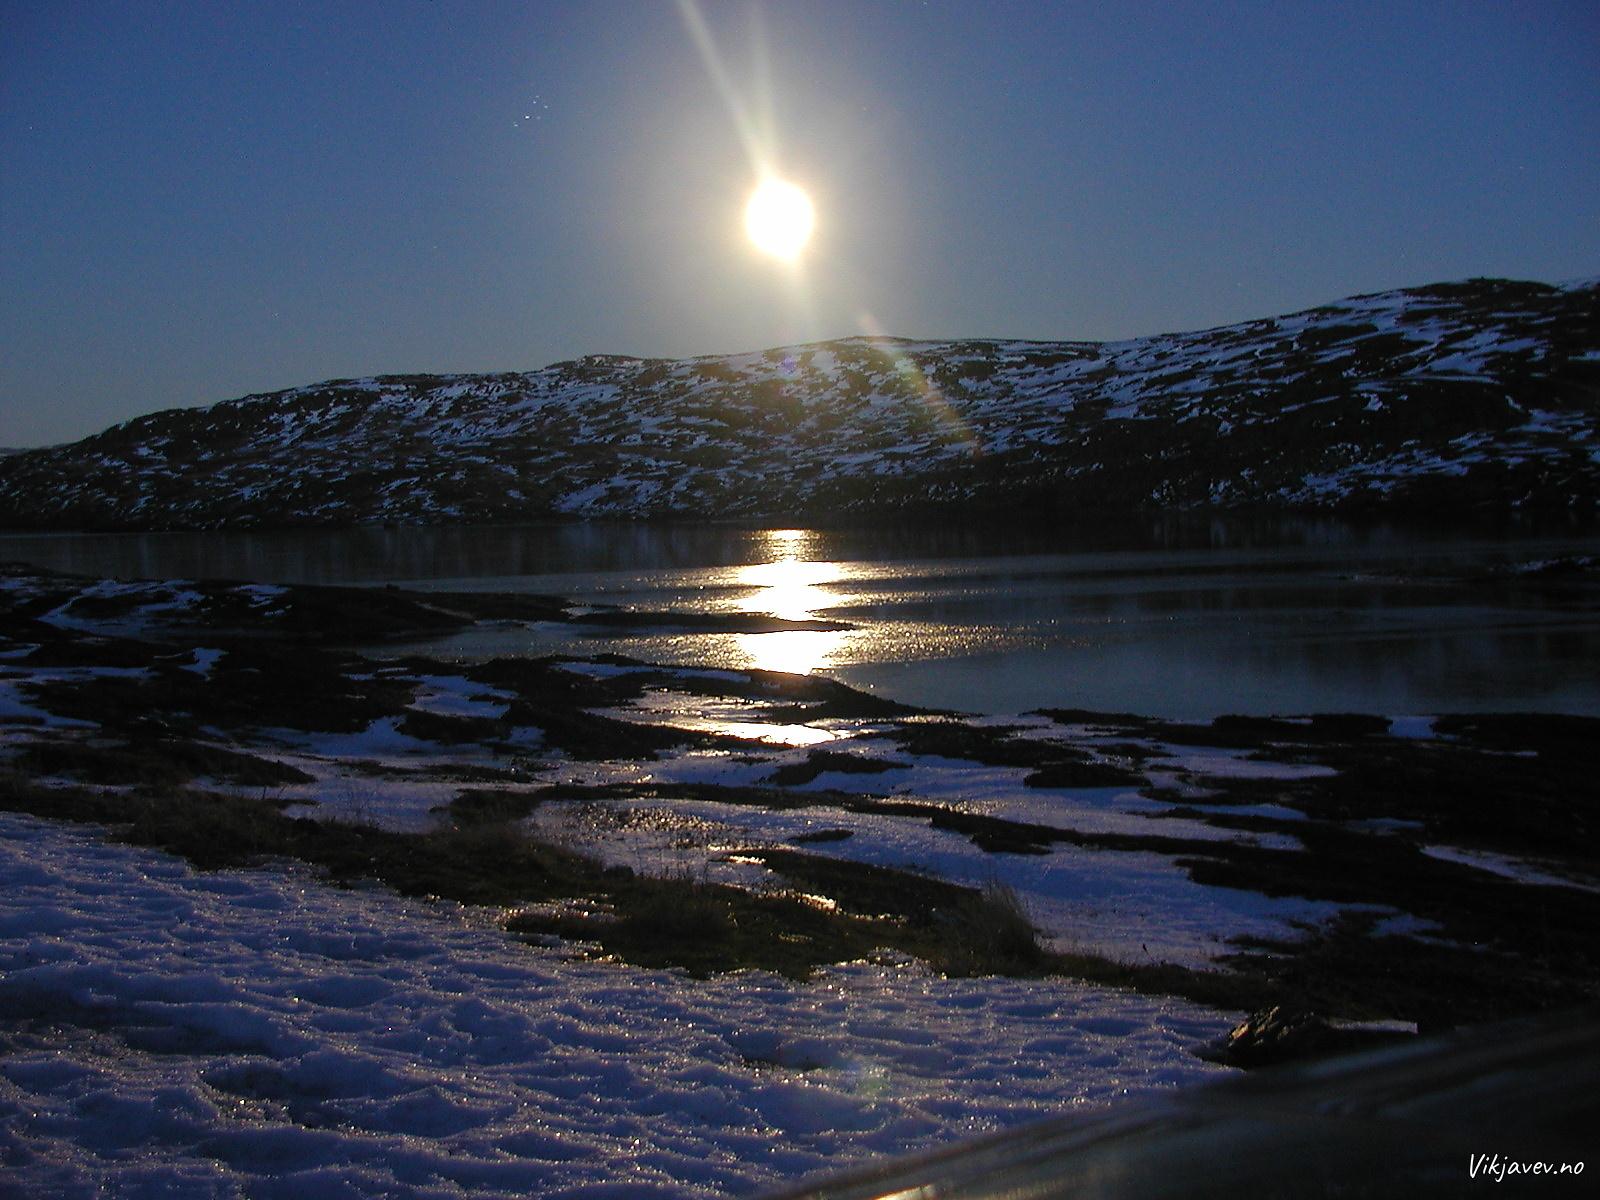 Måneskin over Skjelingavatnet